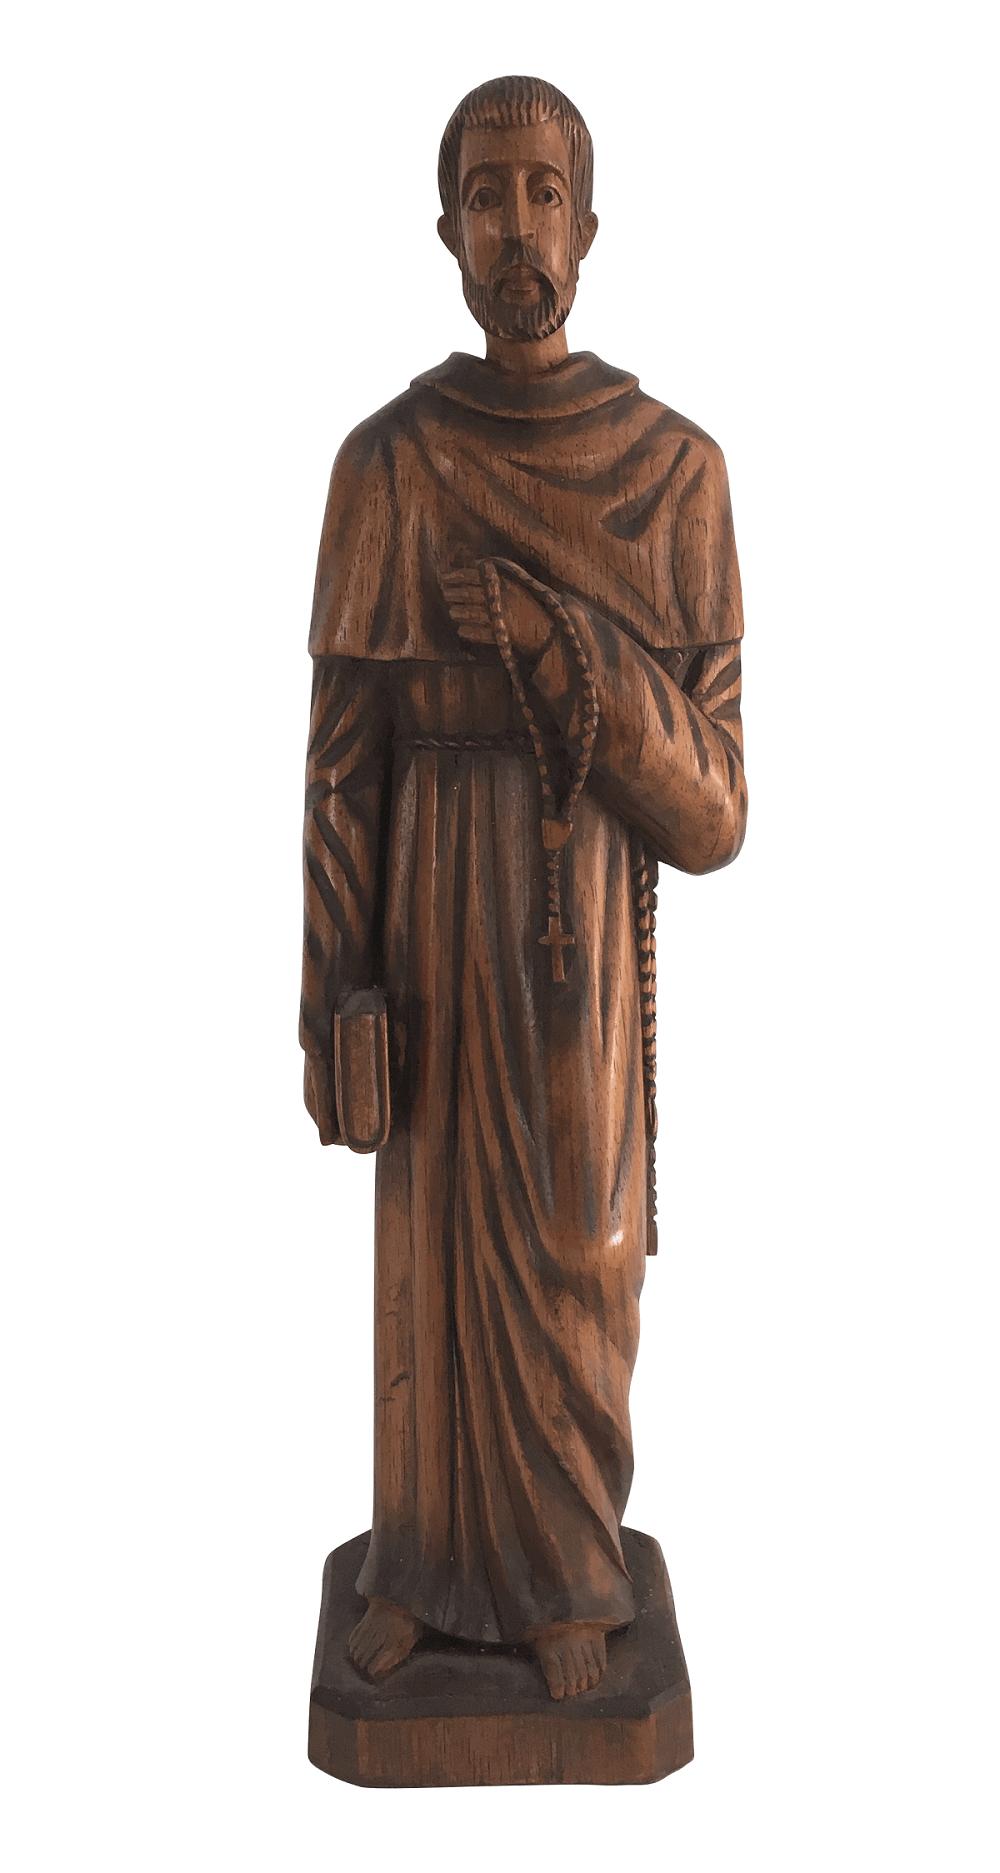 Imagem Sacra Santo Em Madeira 42cm Altura